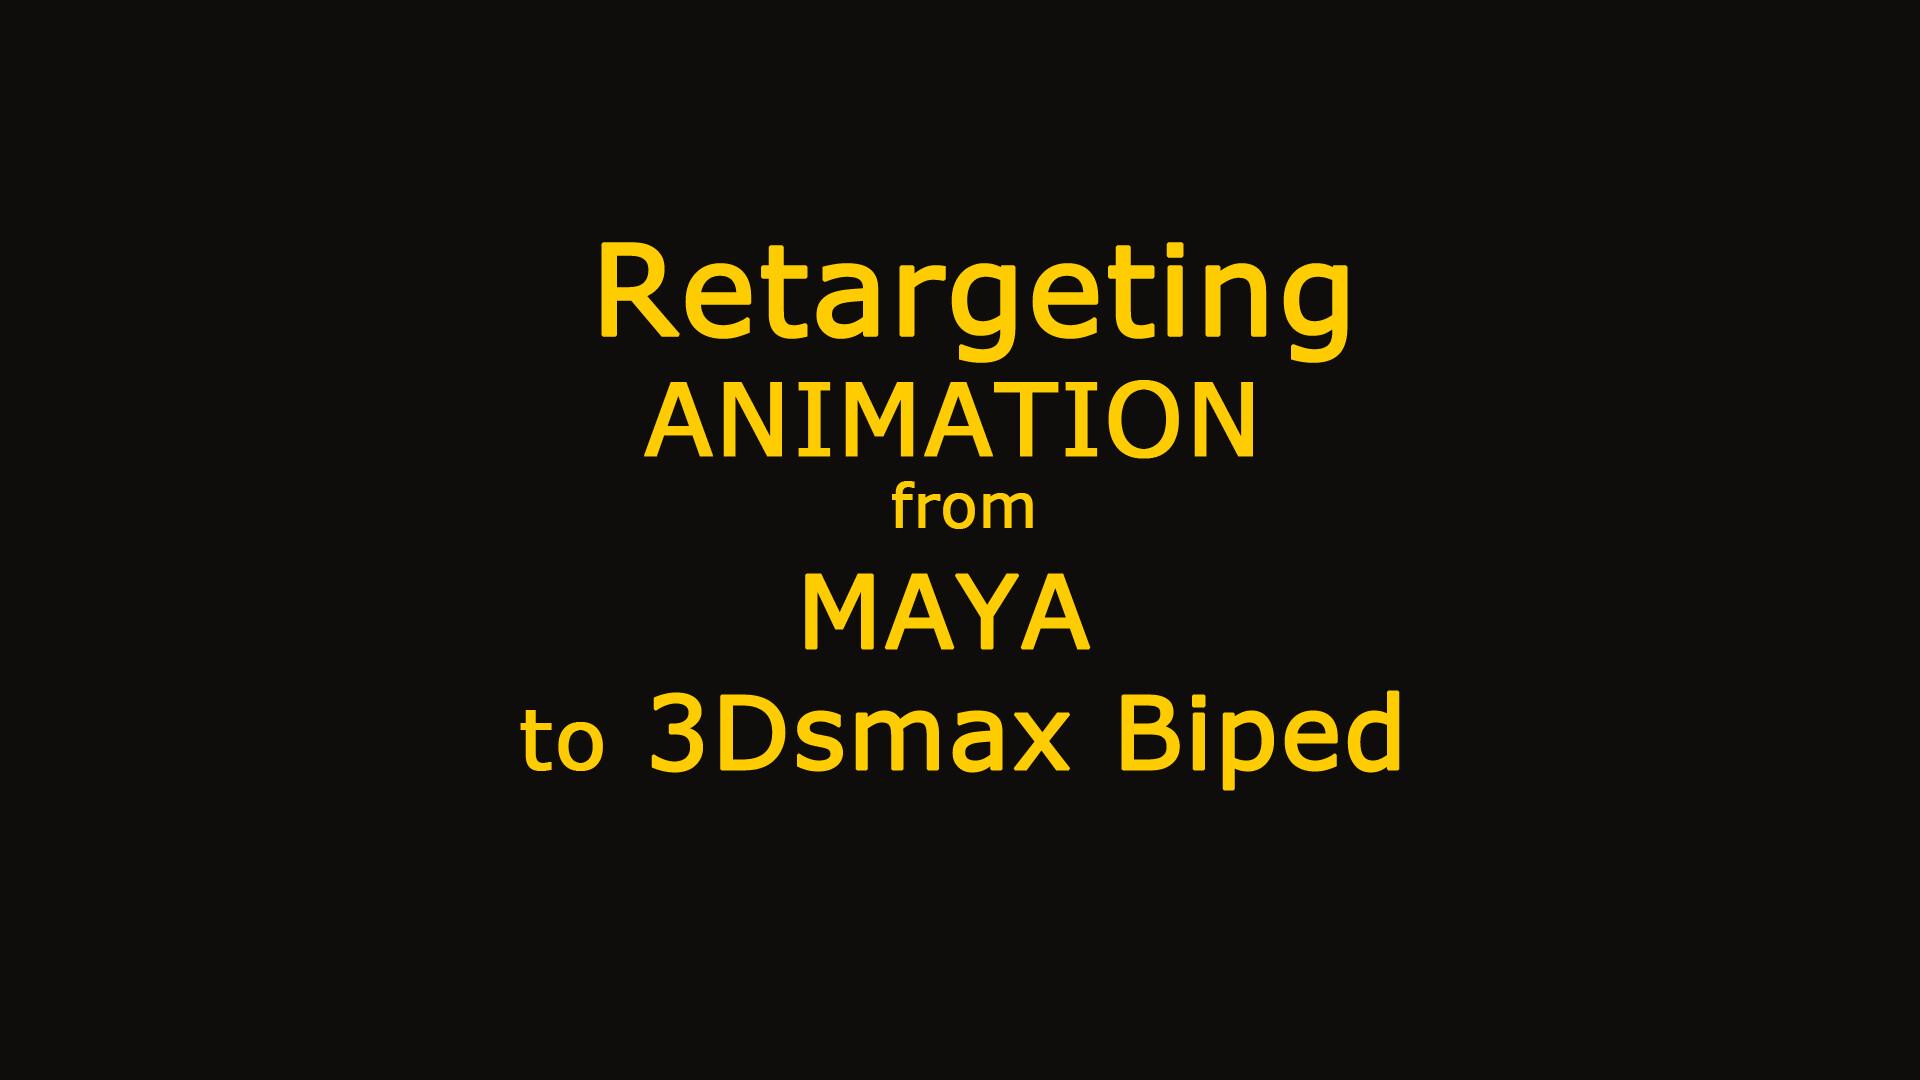 Animation Retargeting artstation - retargeting animation from maya to 3dsmax biped